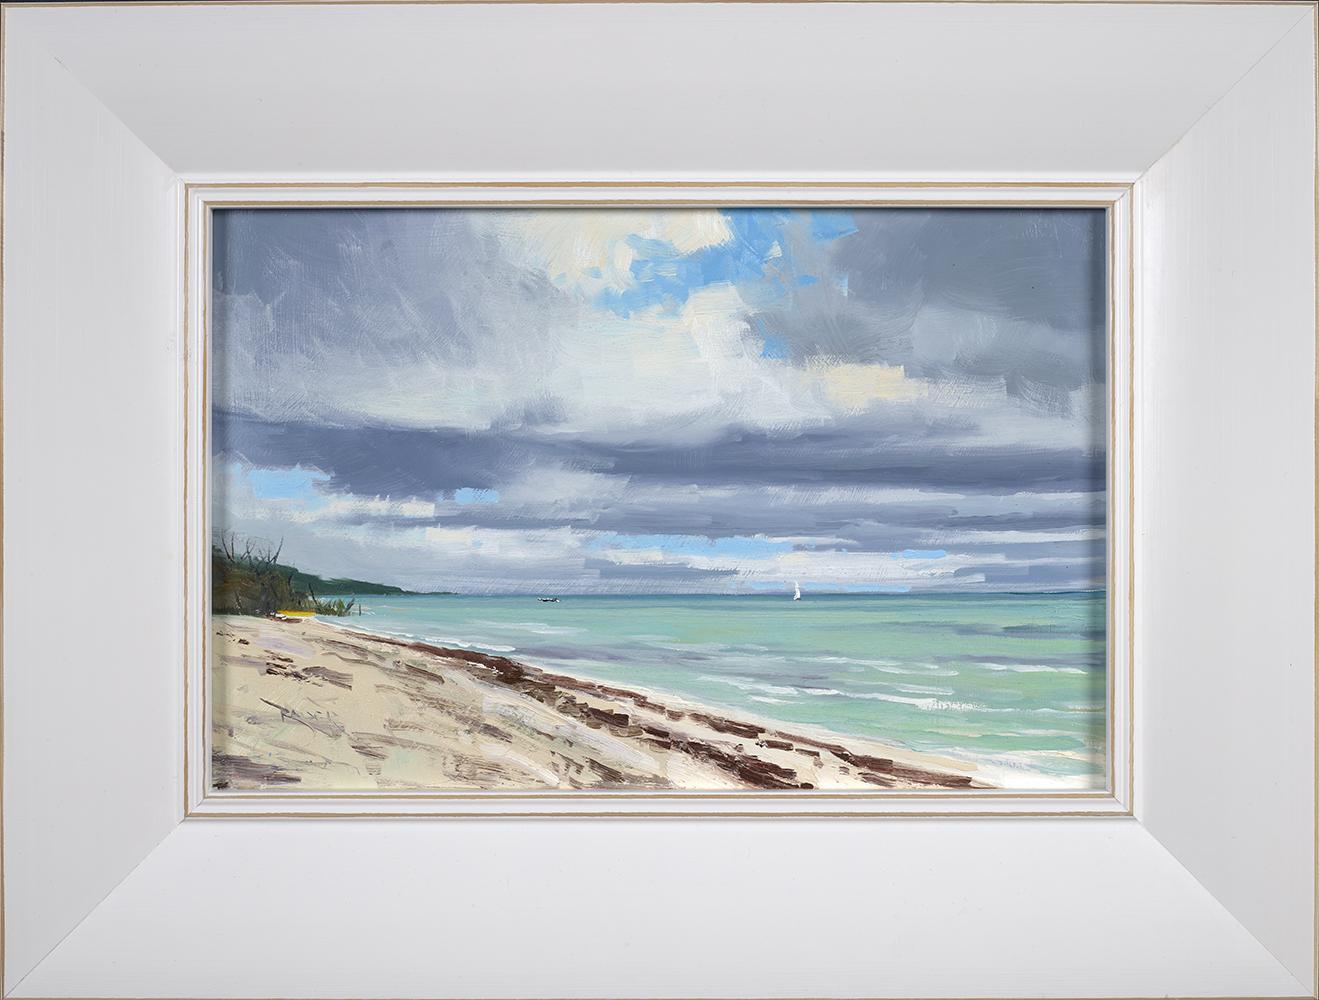 ben_bauer_bb1105_keys_beach_framed.jpg